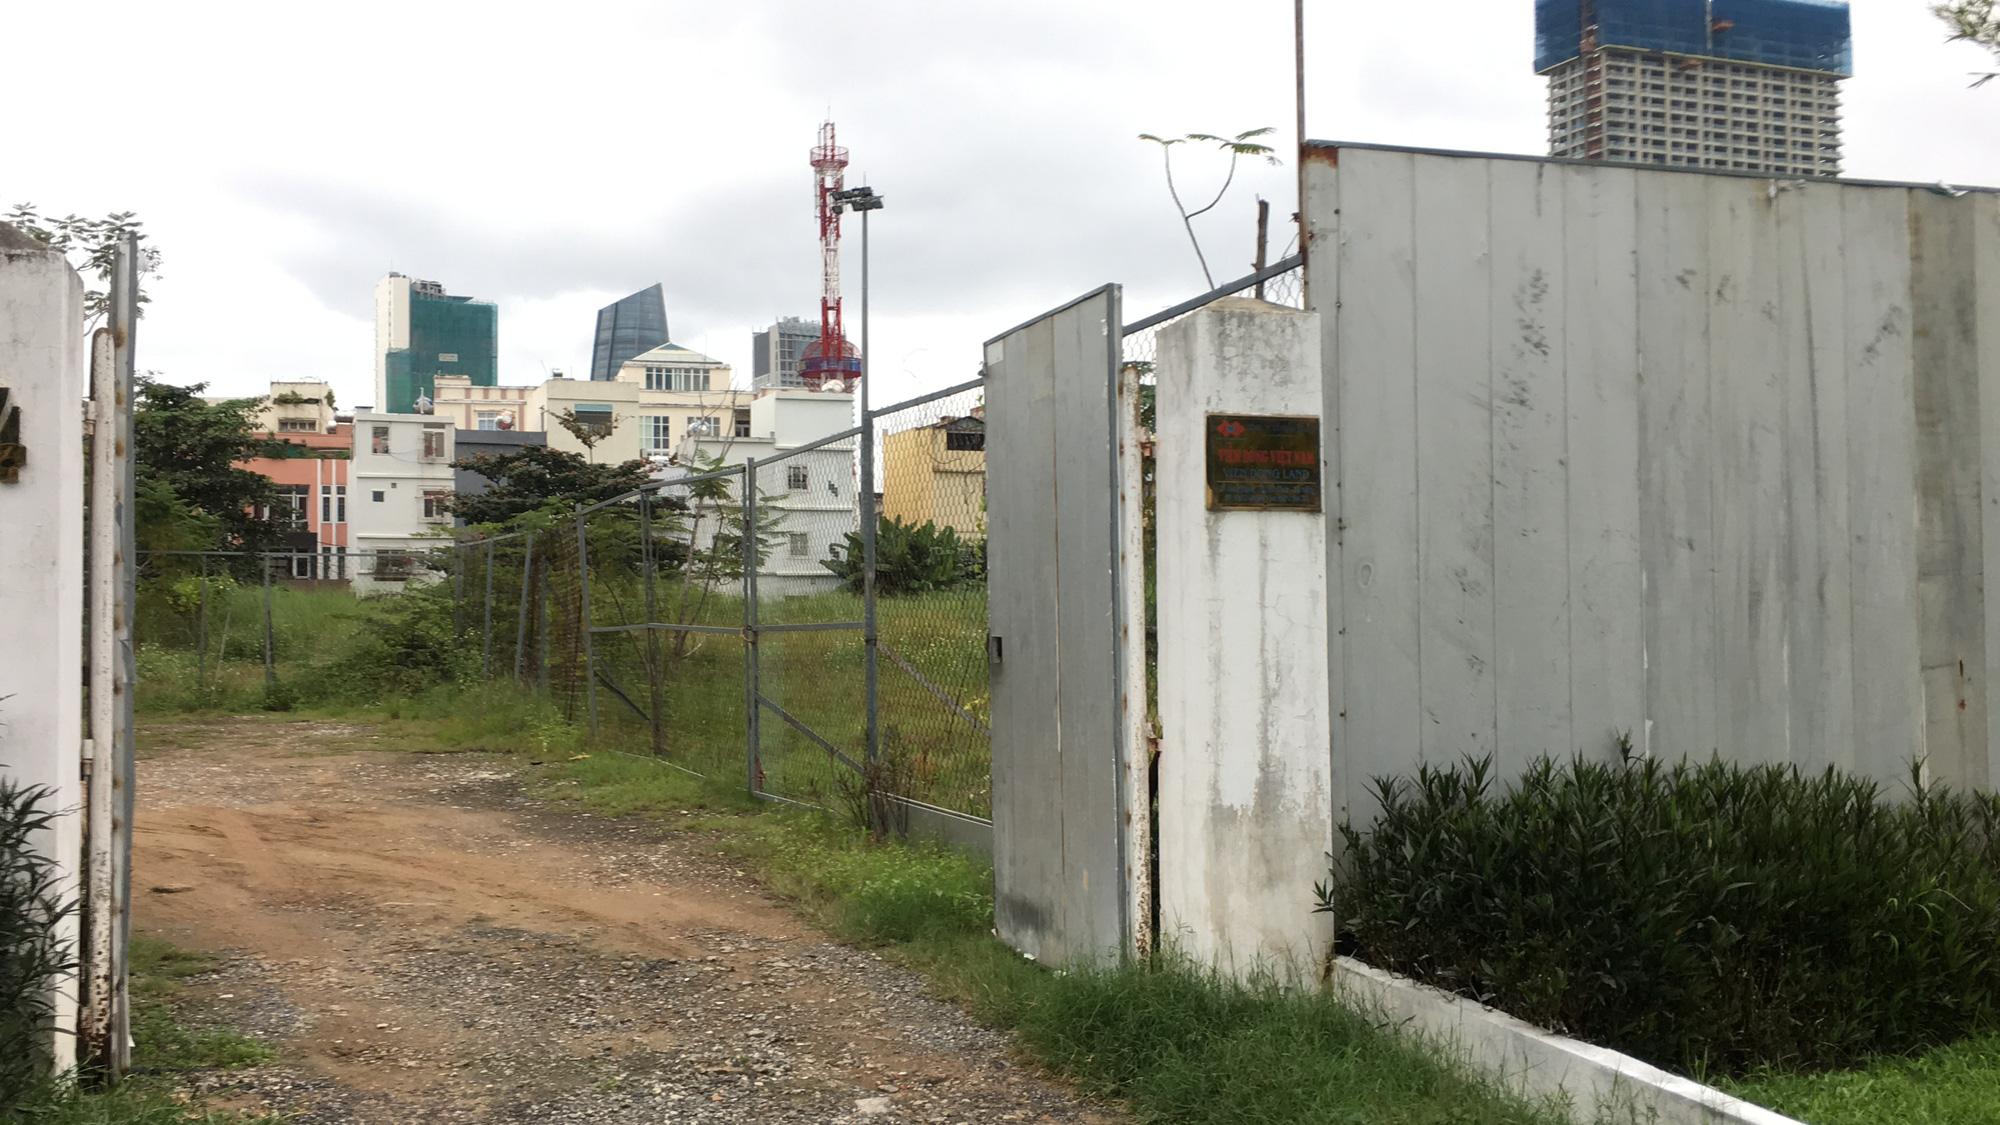 Hai khu đất làm vườn dạo, bãi đỗ xe ngầm trung tâm Đà Nẵng bao giờ 'khởi động'? - Ảnh 5.